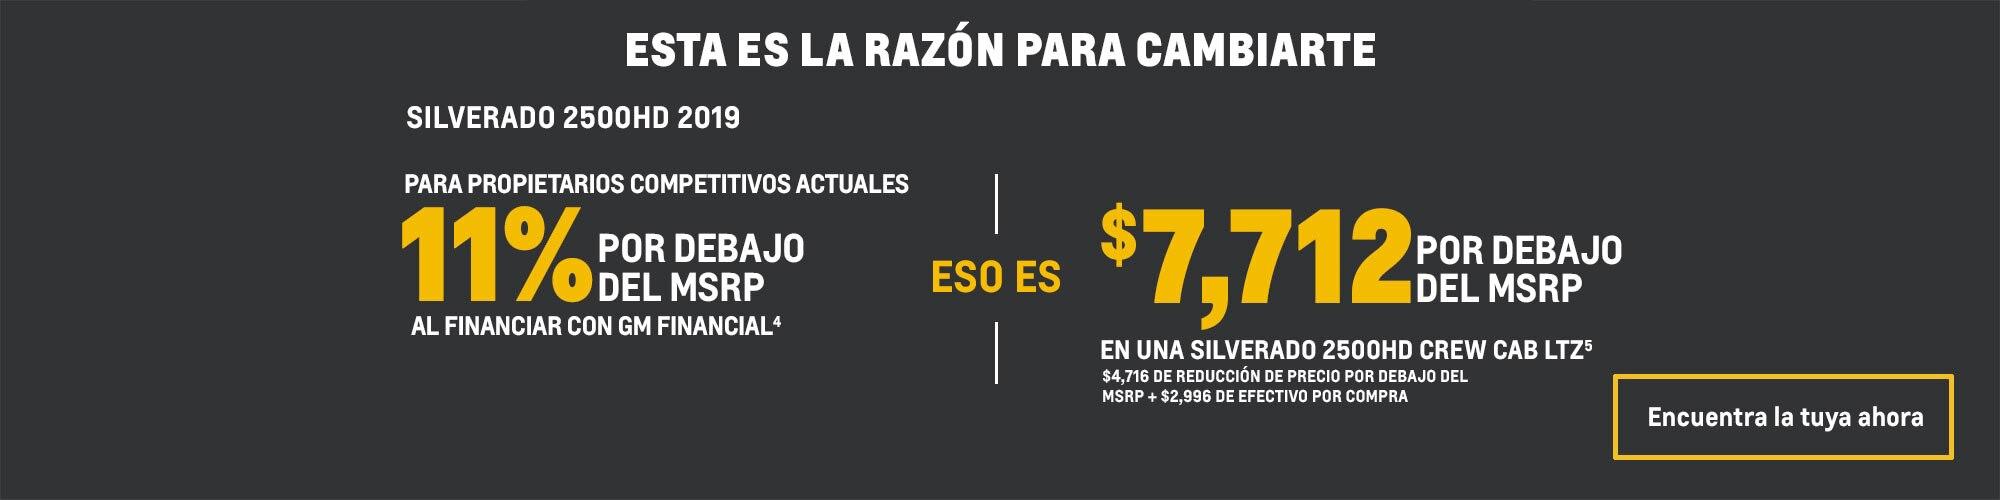 Chevrolet Silverado 2500HD 2019: 11% por debajo del MSRP